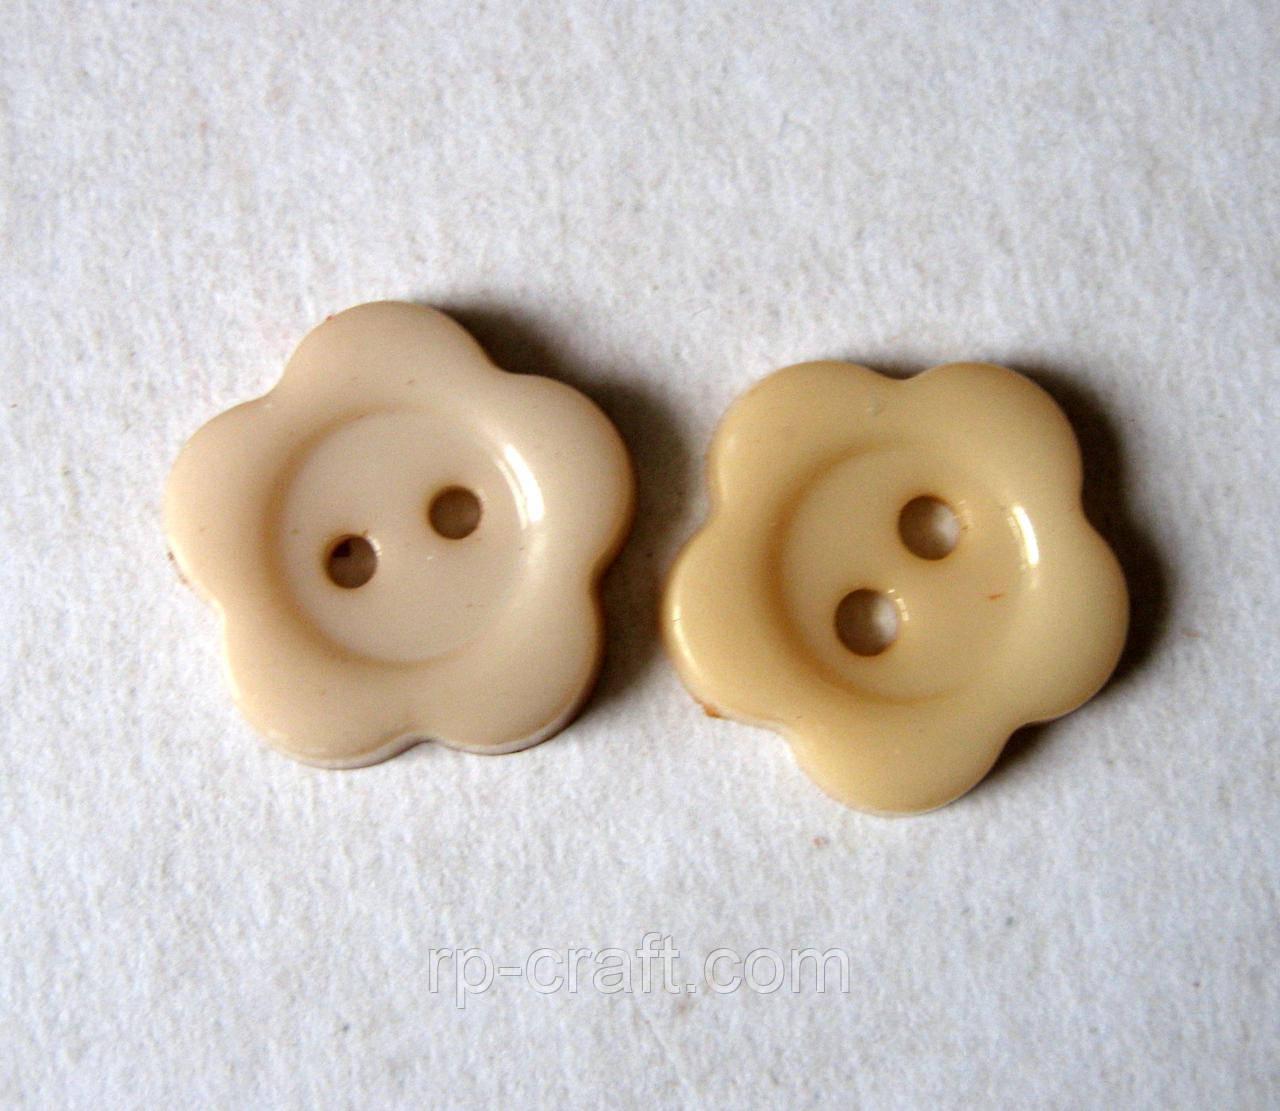 Ґудзик пластикова, декоративна. Квітка бежевий, 13 мм